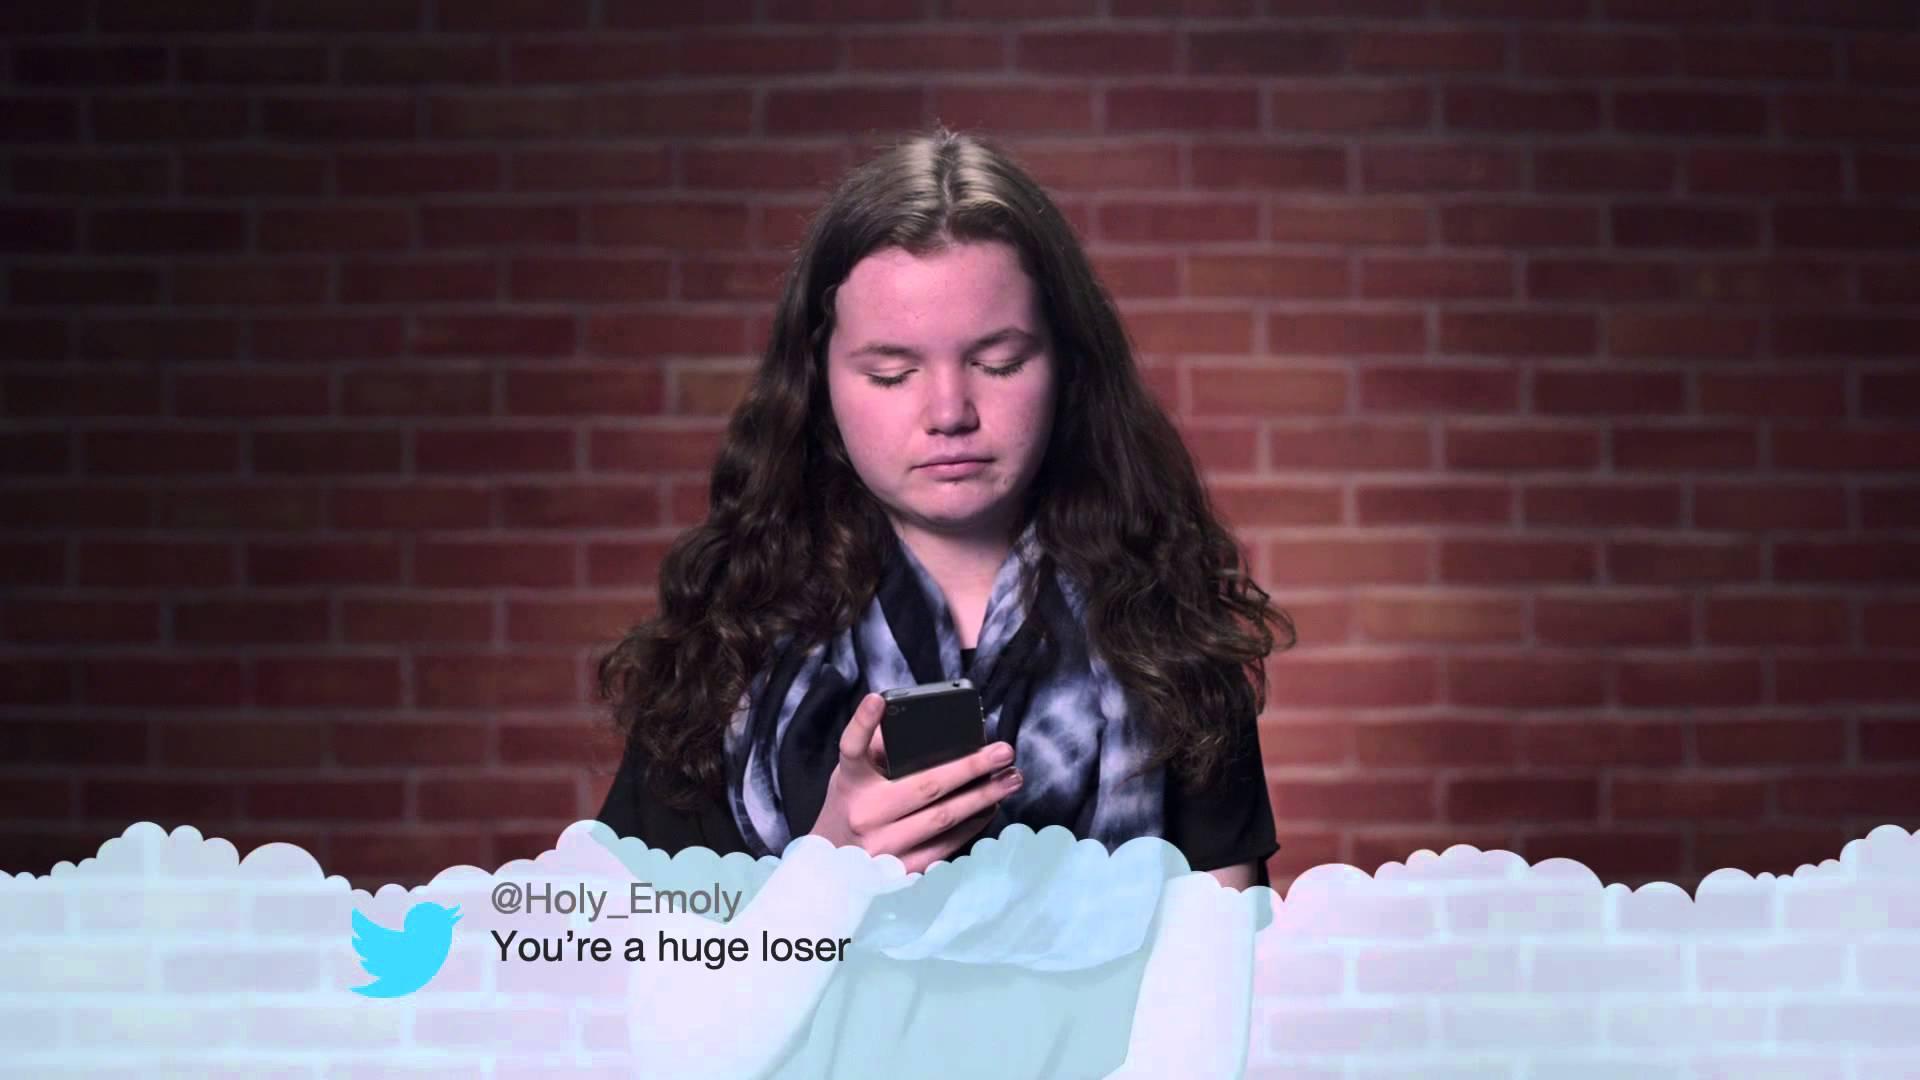 網路霸凌英文怎麼說?推文前請三思:人人都可能是網路霸凌的幫凶